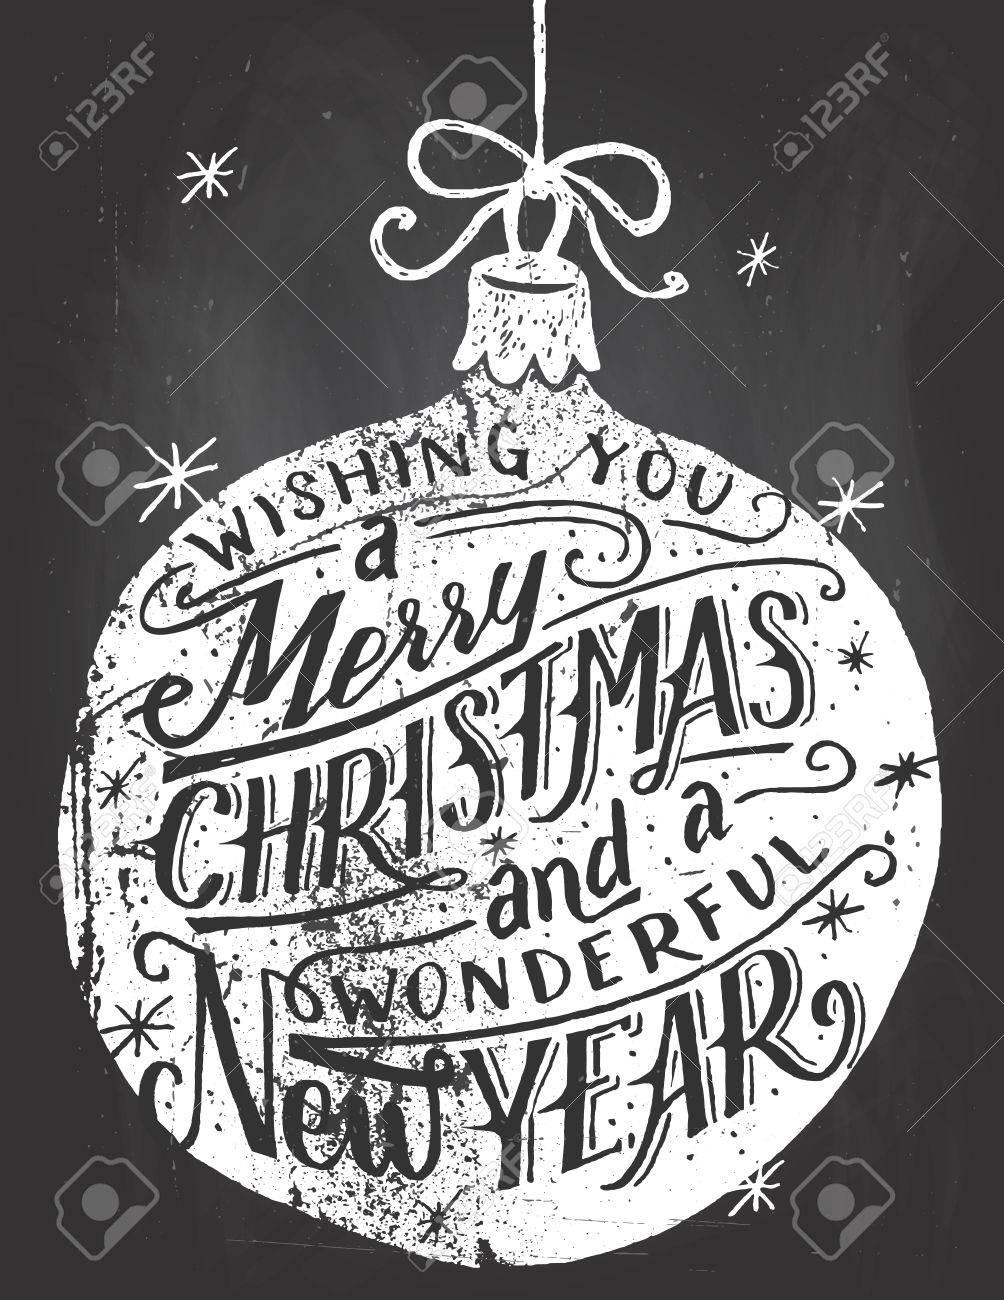 Wir Wünschen Ihnen Ein Frohes Weihnachtsfest Und Ein Wunderbares ...